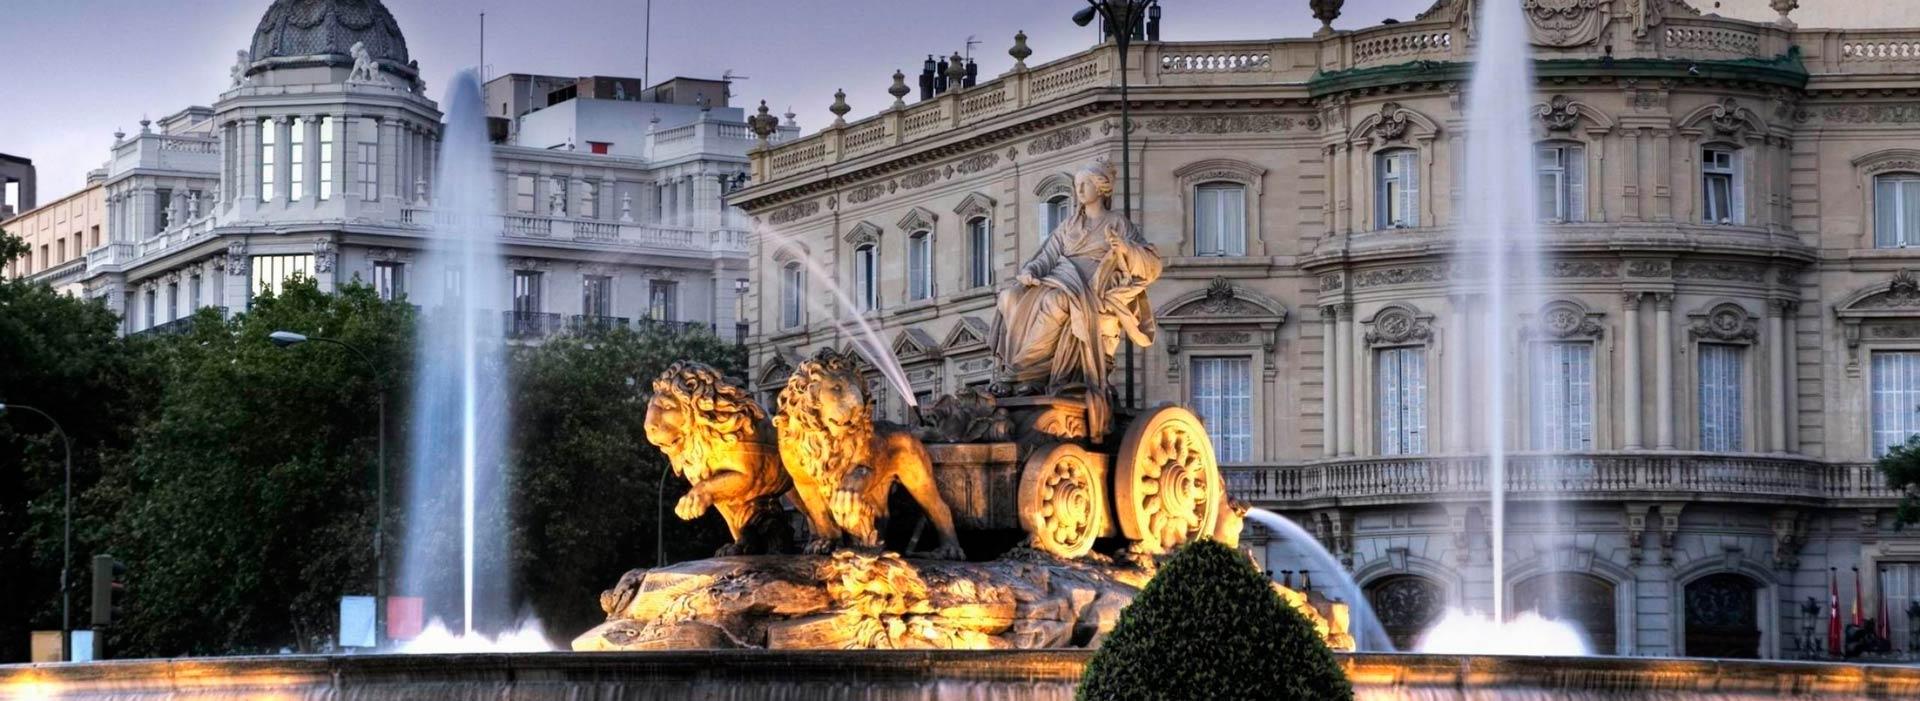 Madrid.Fuente de Cibeles